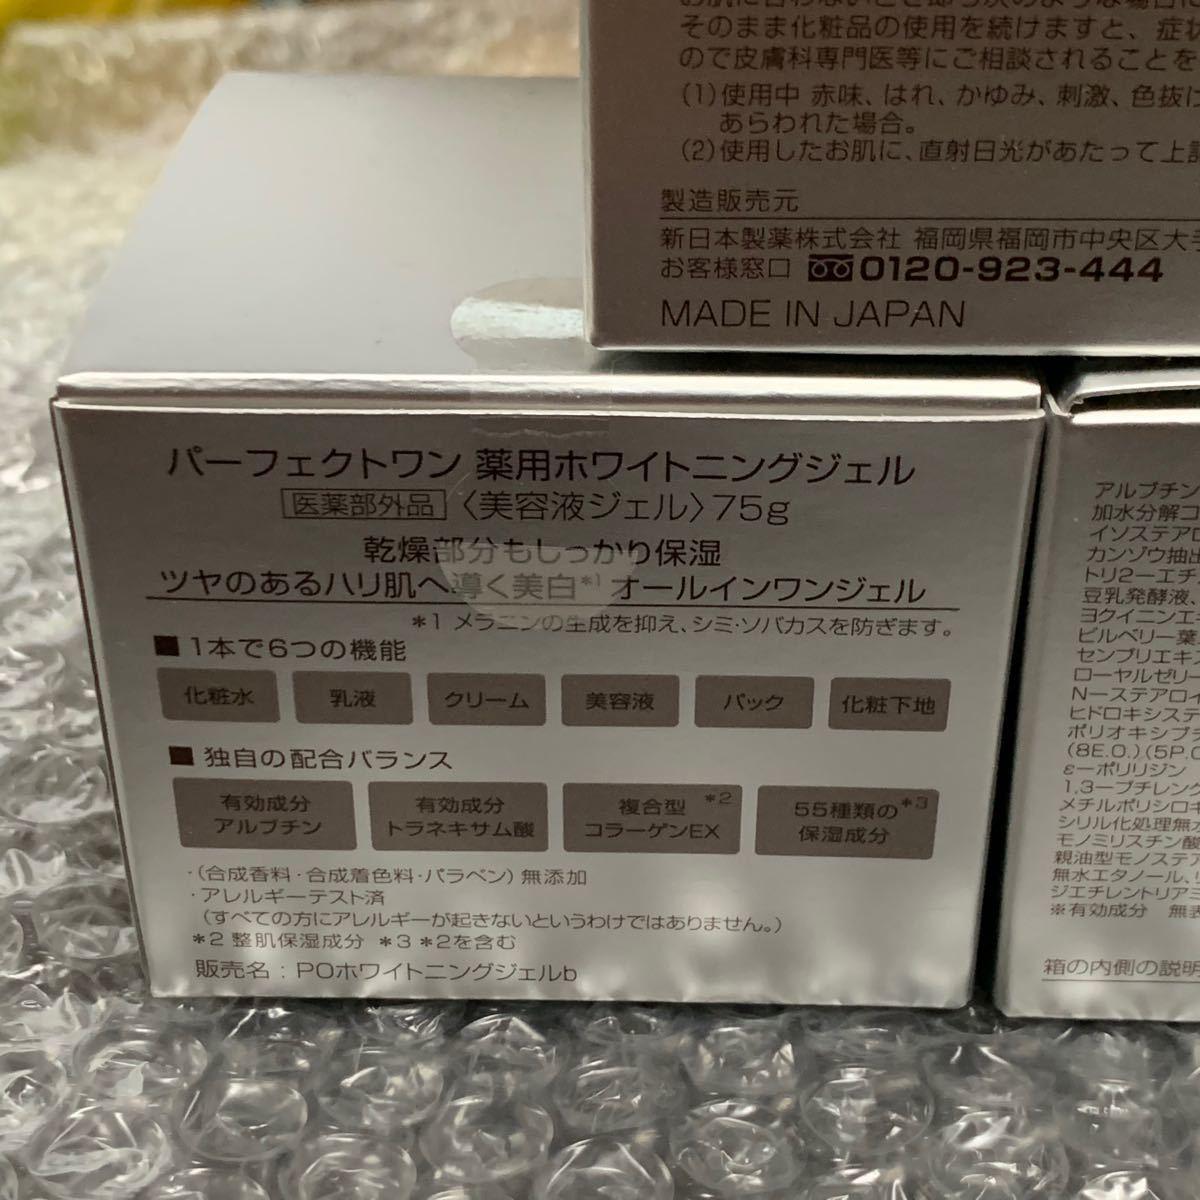 新日本製薬 パーフェクトワン 薬用ホワイトニングジェル 75g 3個セット